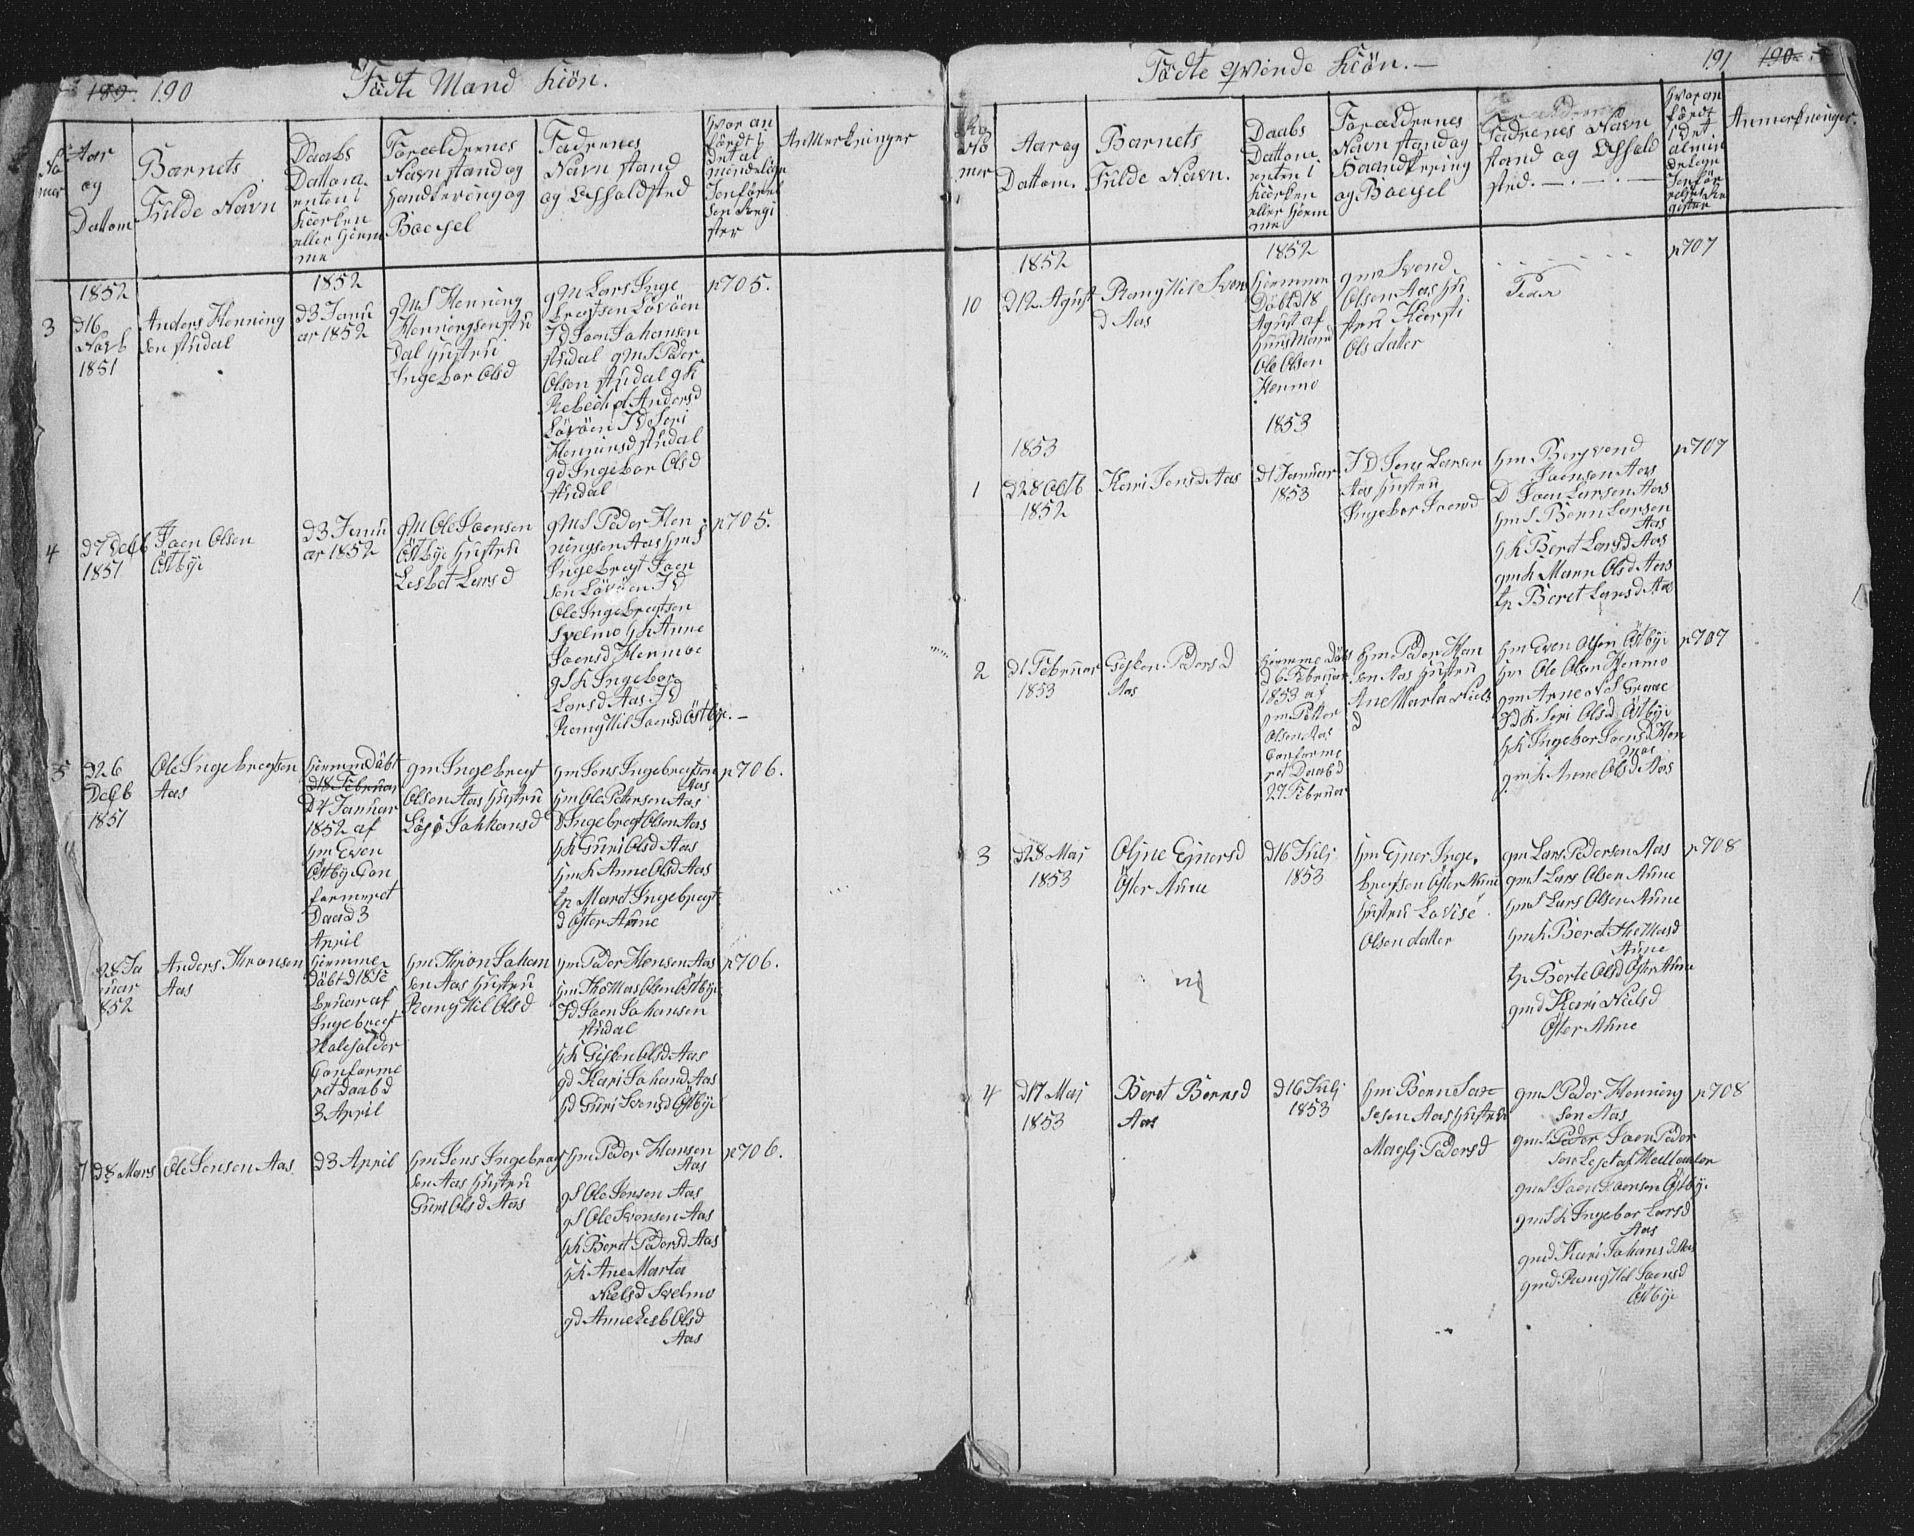 SAT, Ministerialprotokoller, klokkerbøker og fødselsregistre - Sør-Trøndelag, 698/L1165: Klokkerbok nr. 698C02, 1851-1861, s. 190-191